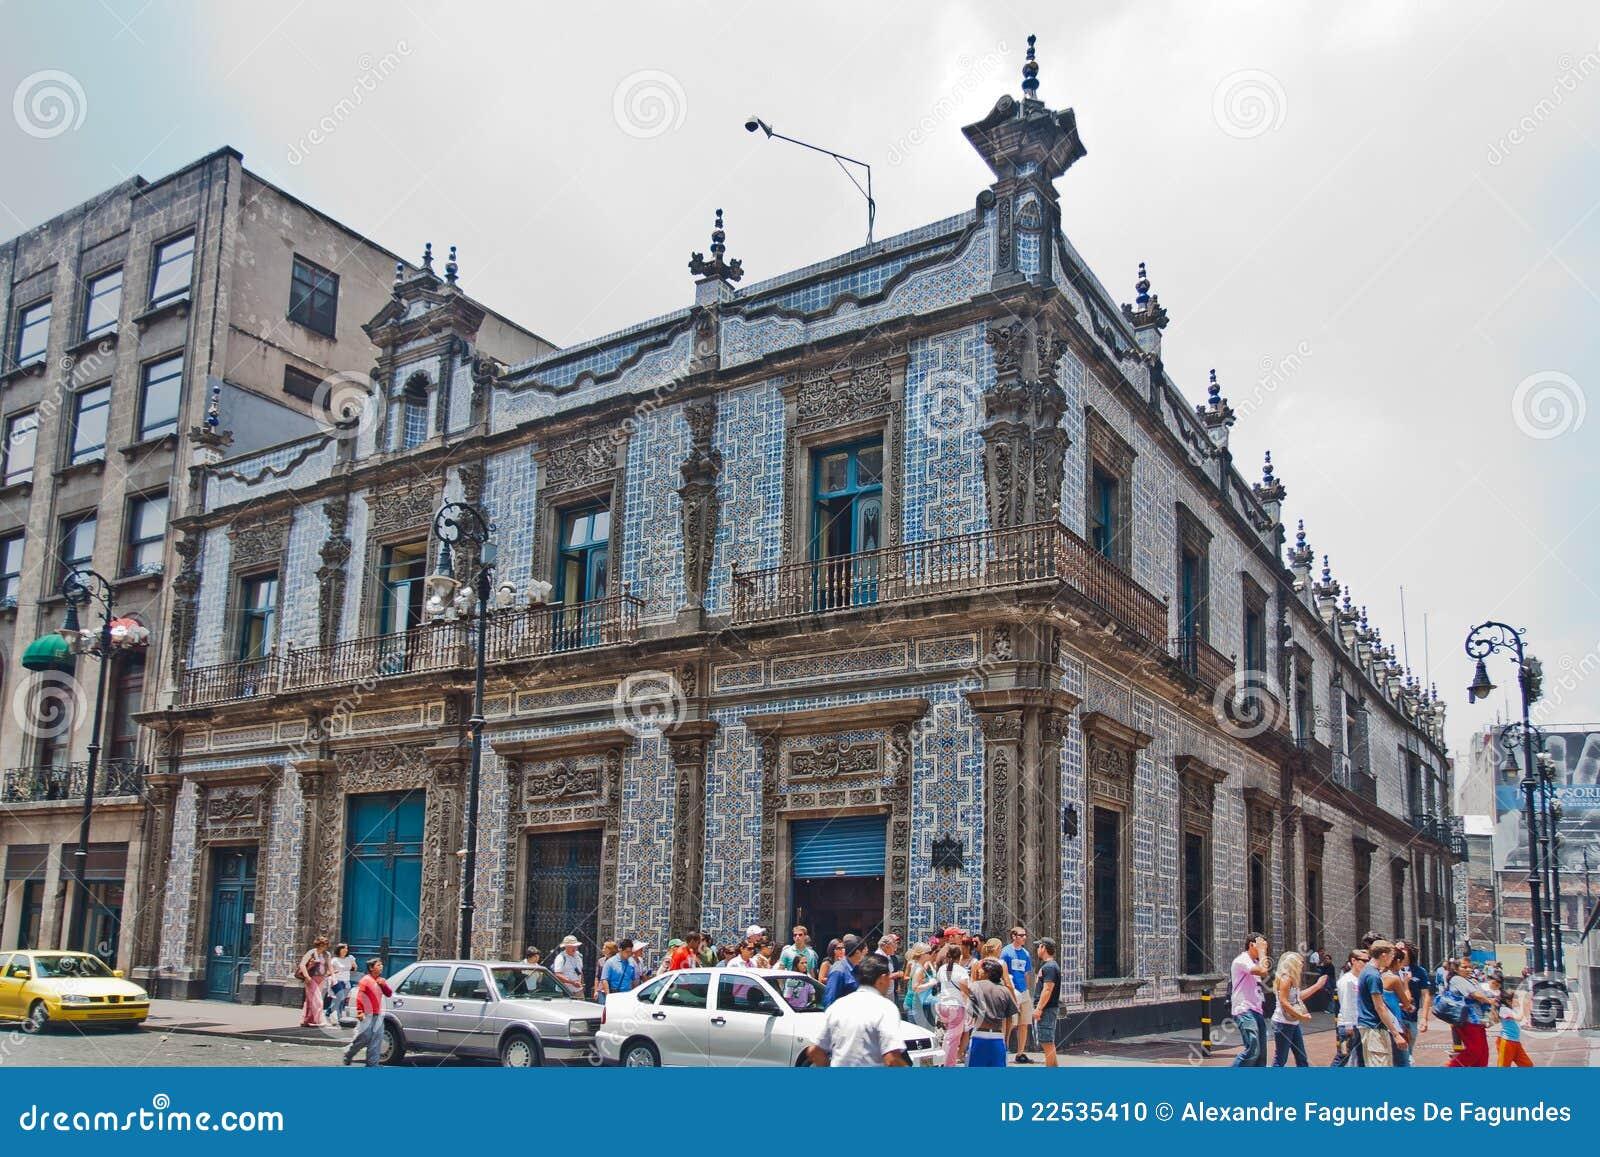 Casa De Los Azulejos Mexico City Editorial Image Image